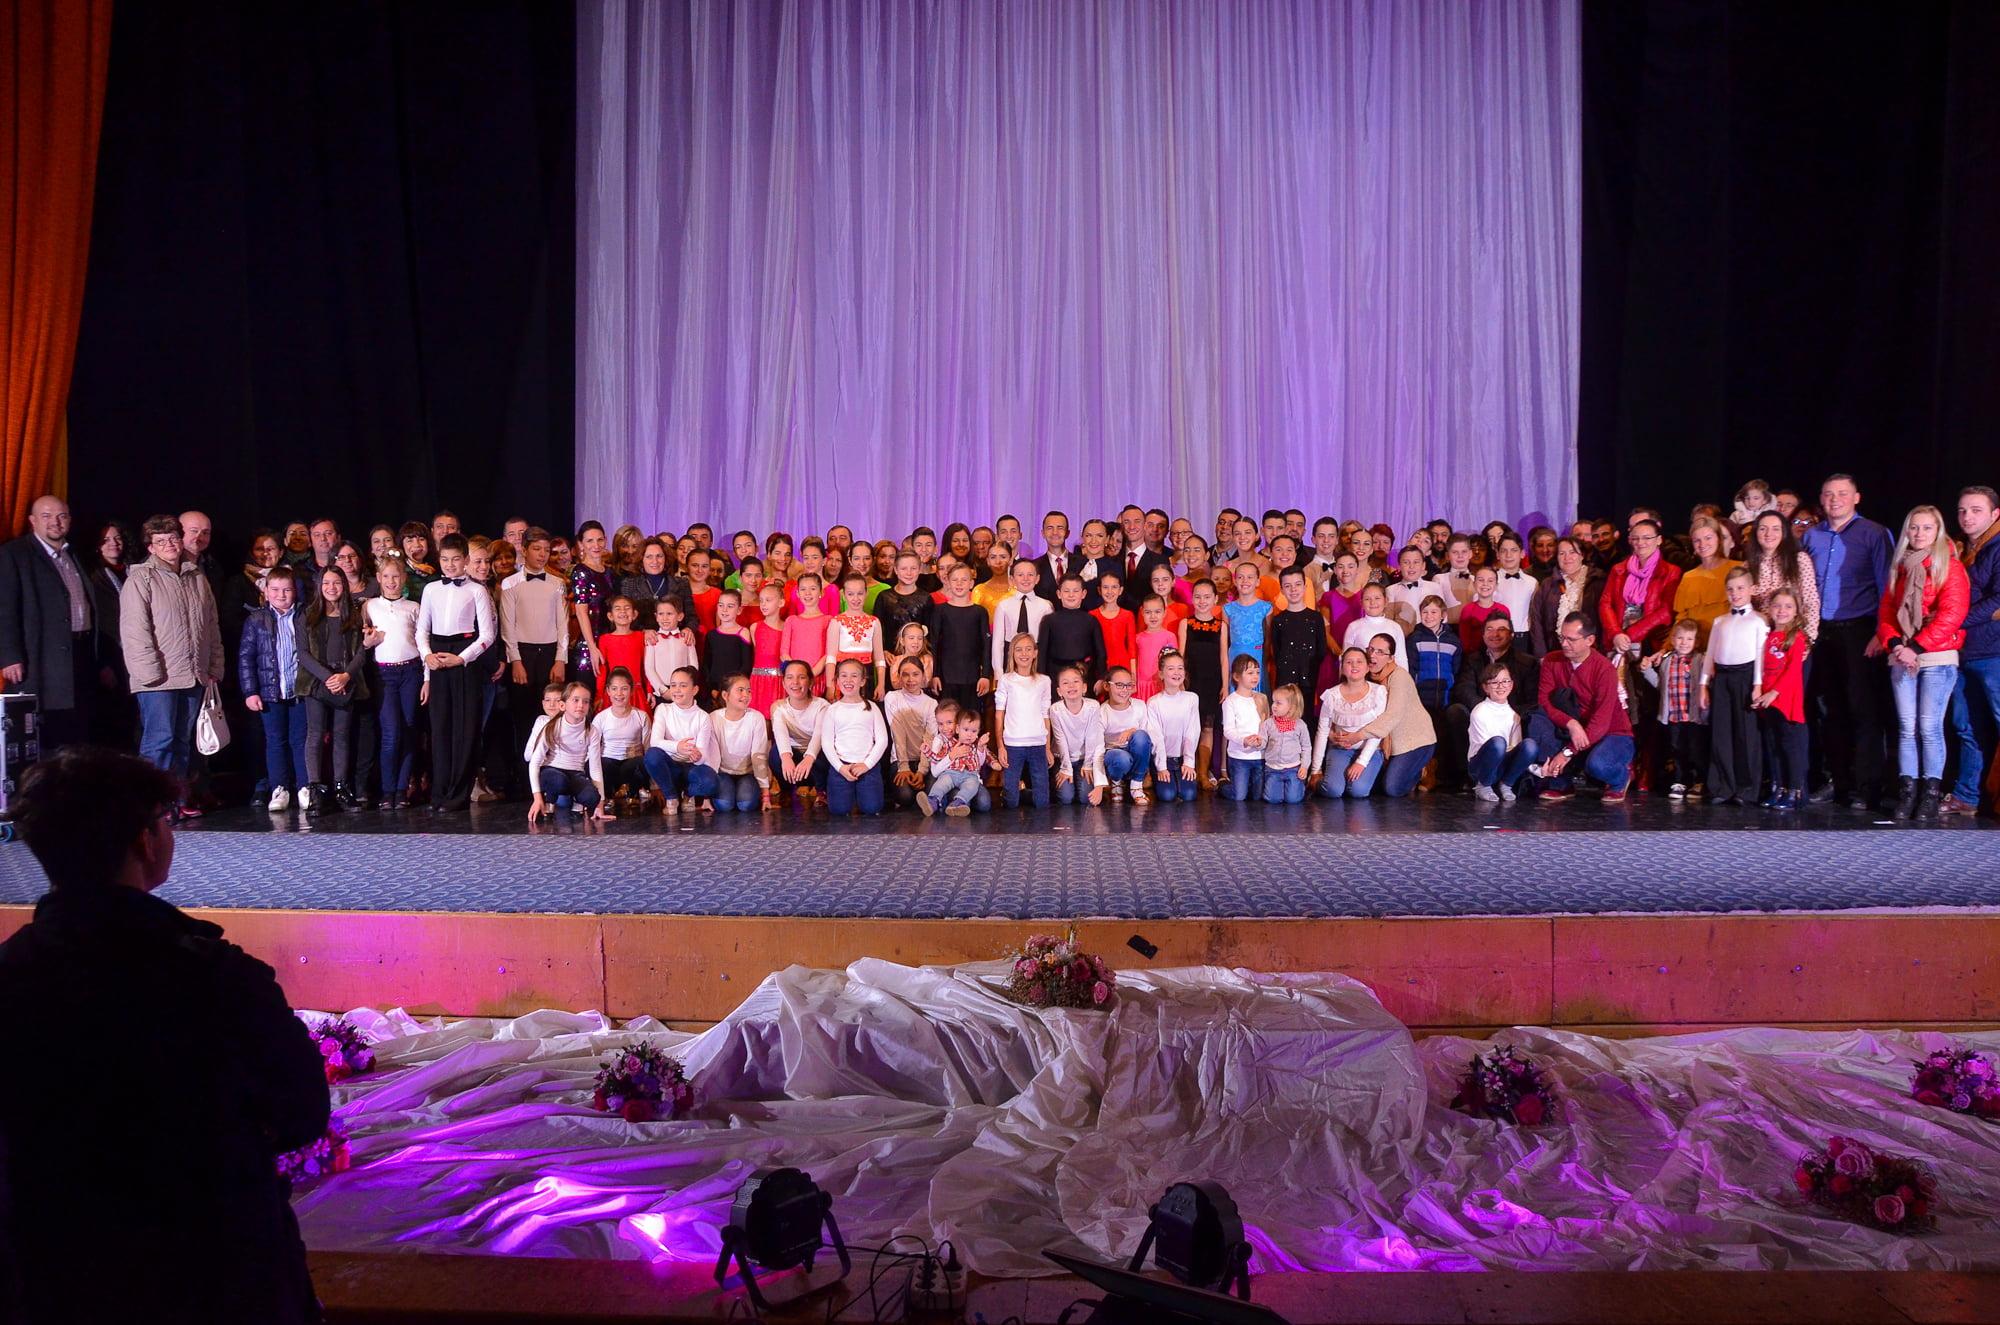 Loga Dance School a sărbători 9 ani de existență printr-un spectacol impresionant